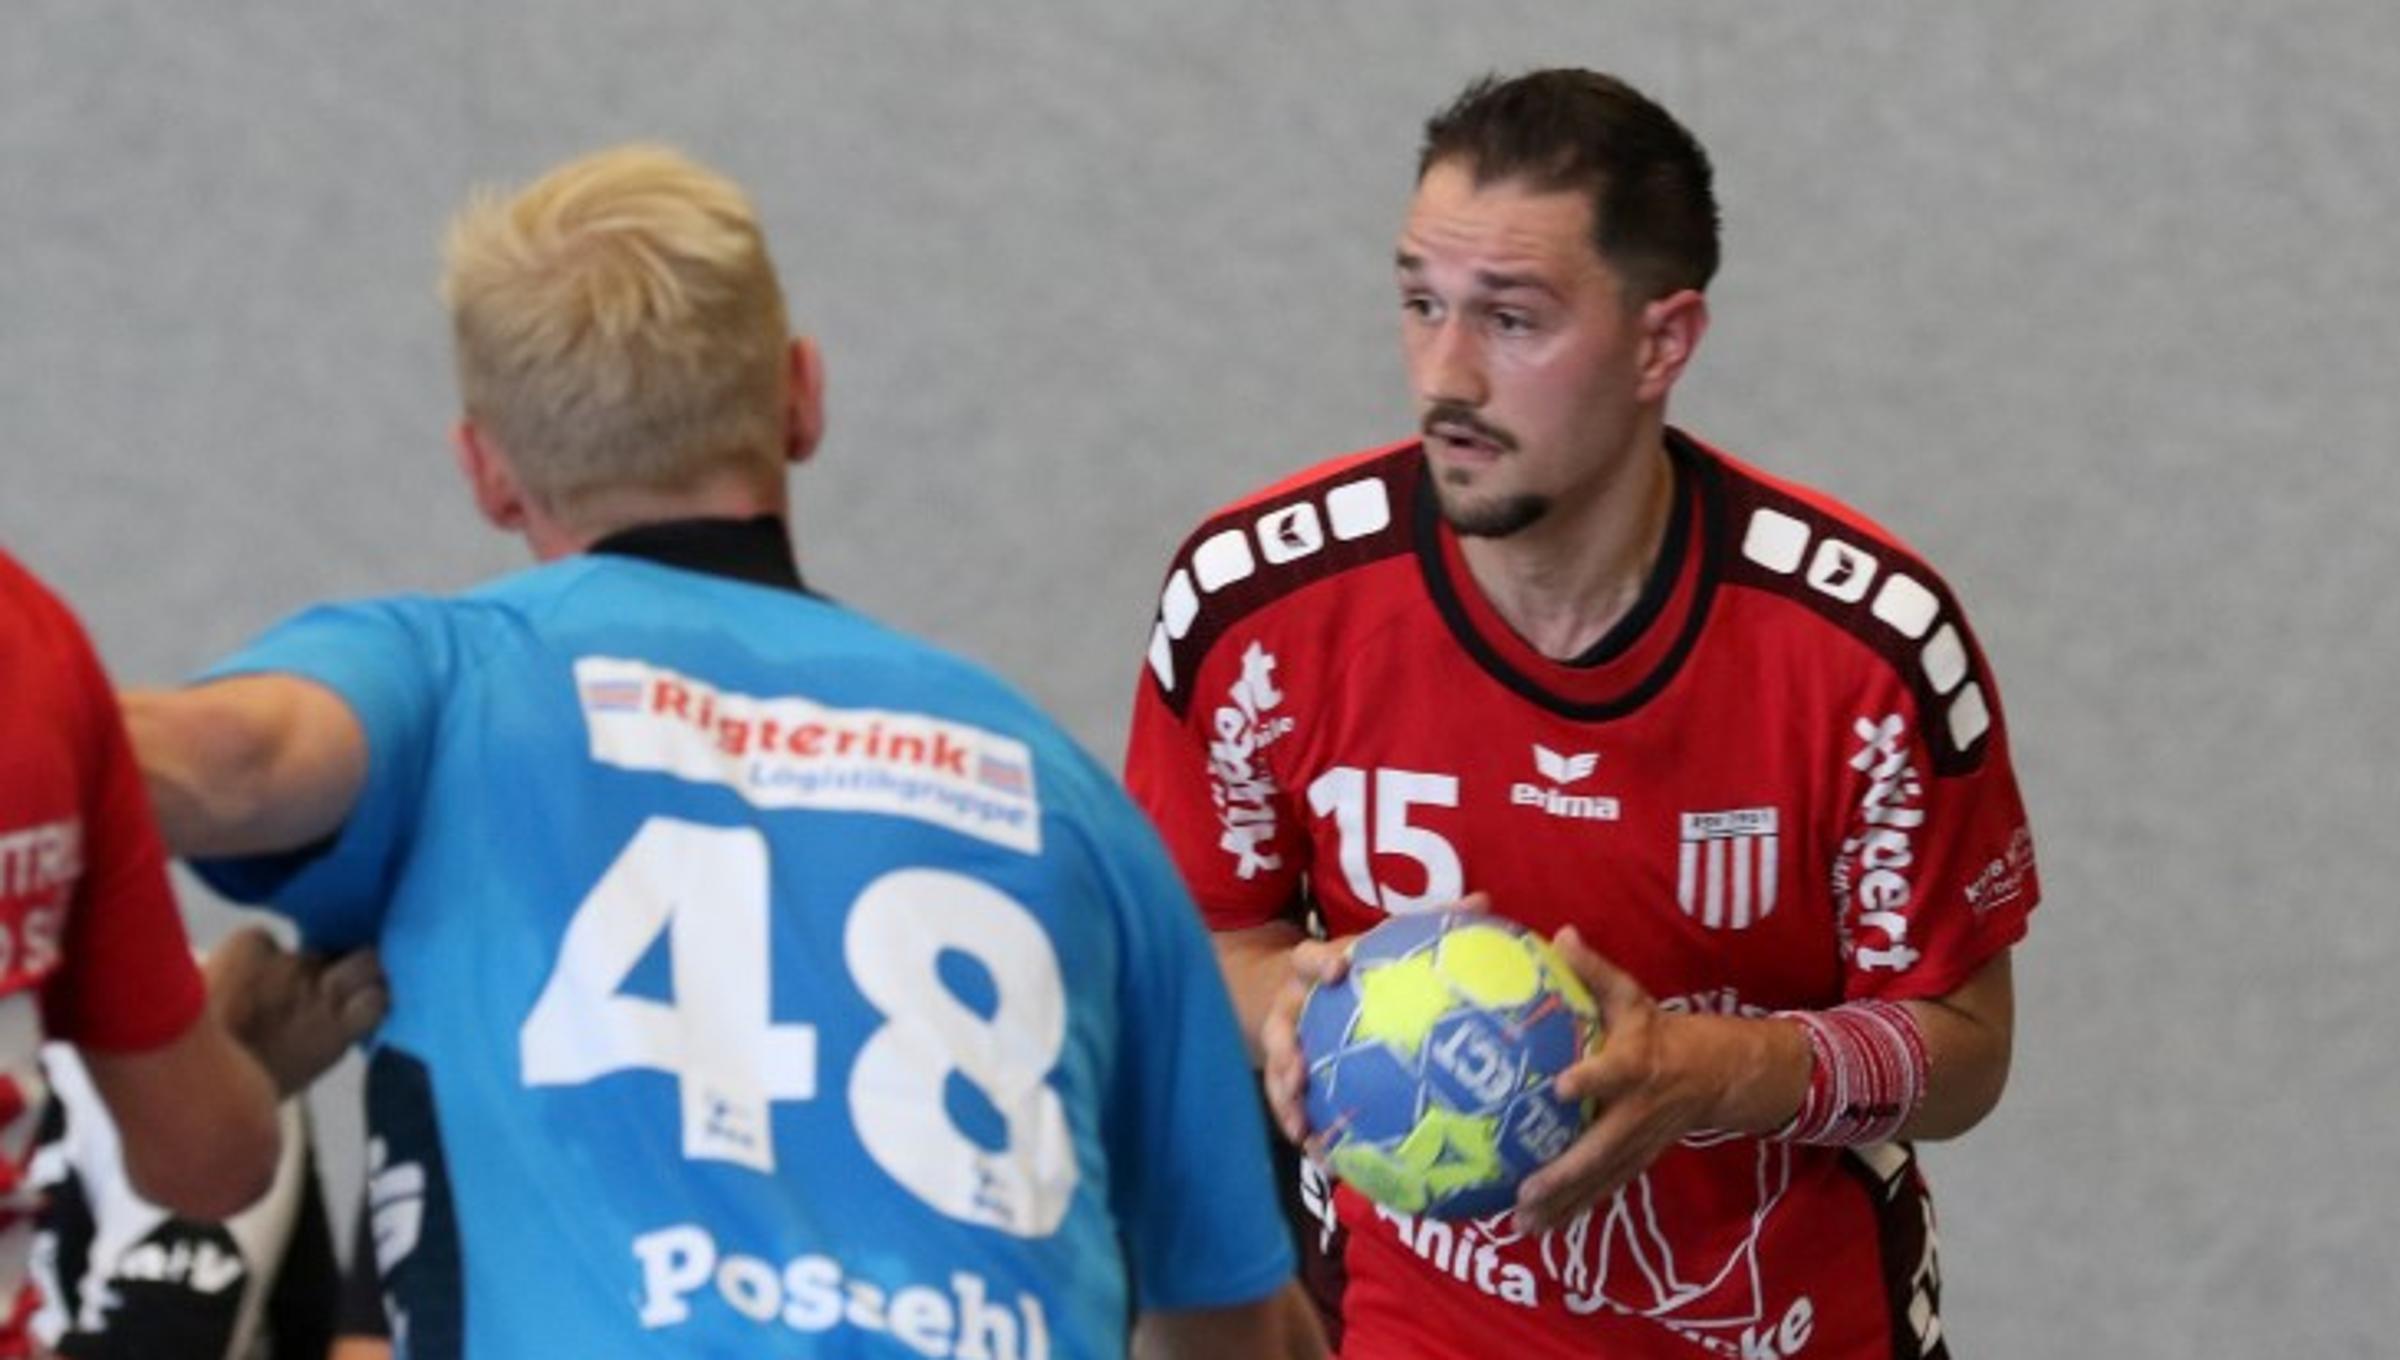 Der frühere ASV-III-Trainer Sören Feldmann ist froh darüber, sich beim RSV Altenbögge nur noch auf seine Spielerrolle konzentrieren zu müssen. Foto: Markus Liesegang